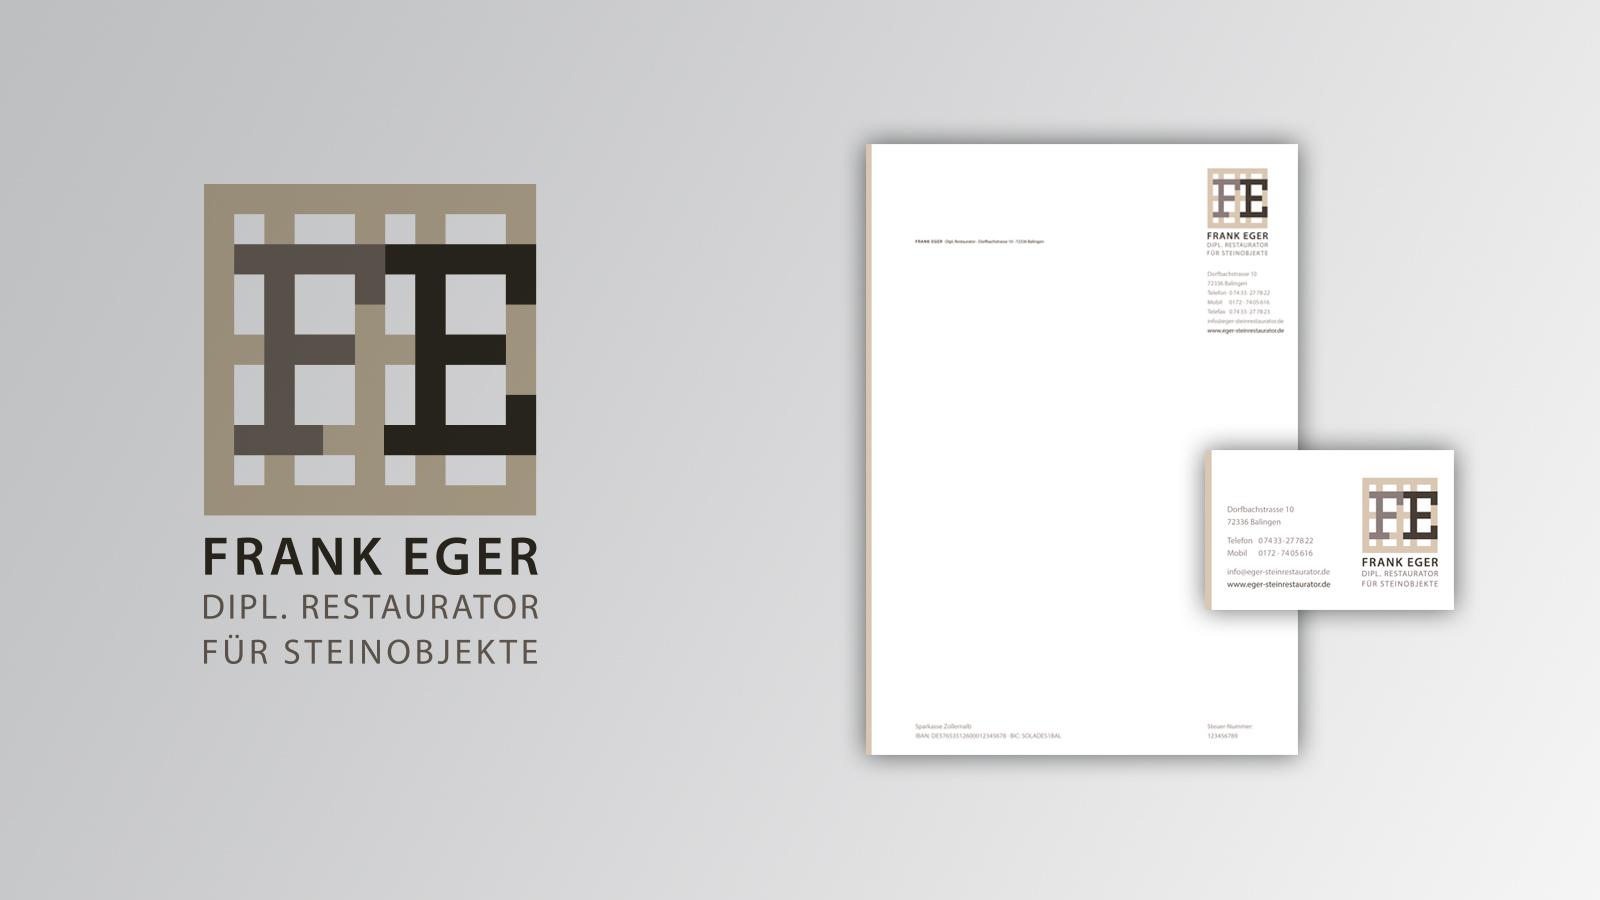 Geschäftsausstattung von Frank Eger, Dipl. Restaurator für Steinobjekte